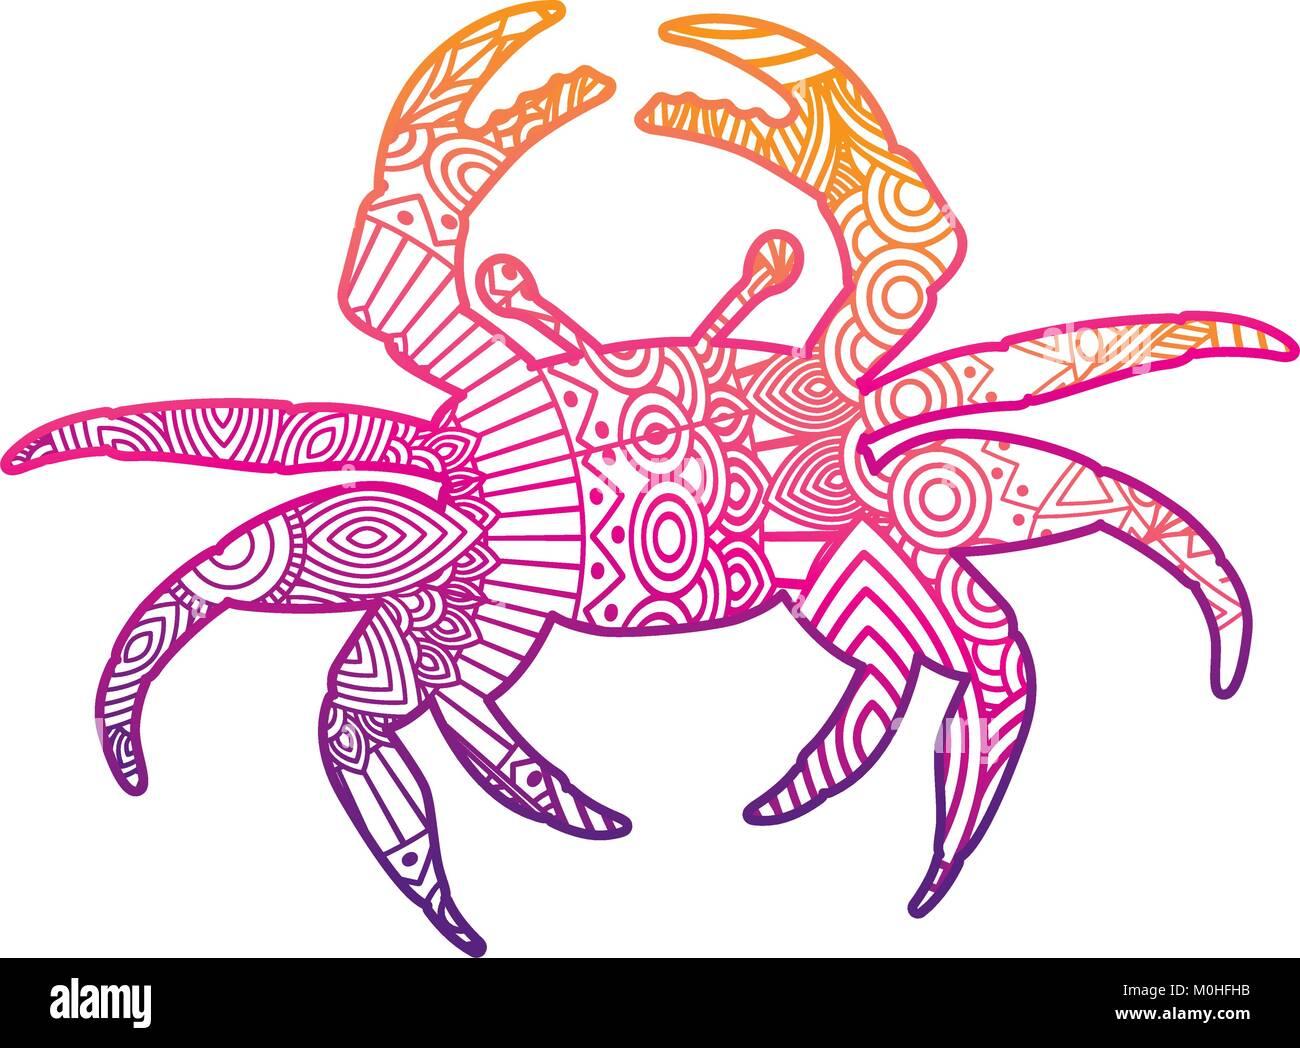 Dibujadas a mano para adultos páginas para colorear con cangrejo ...